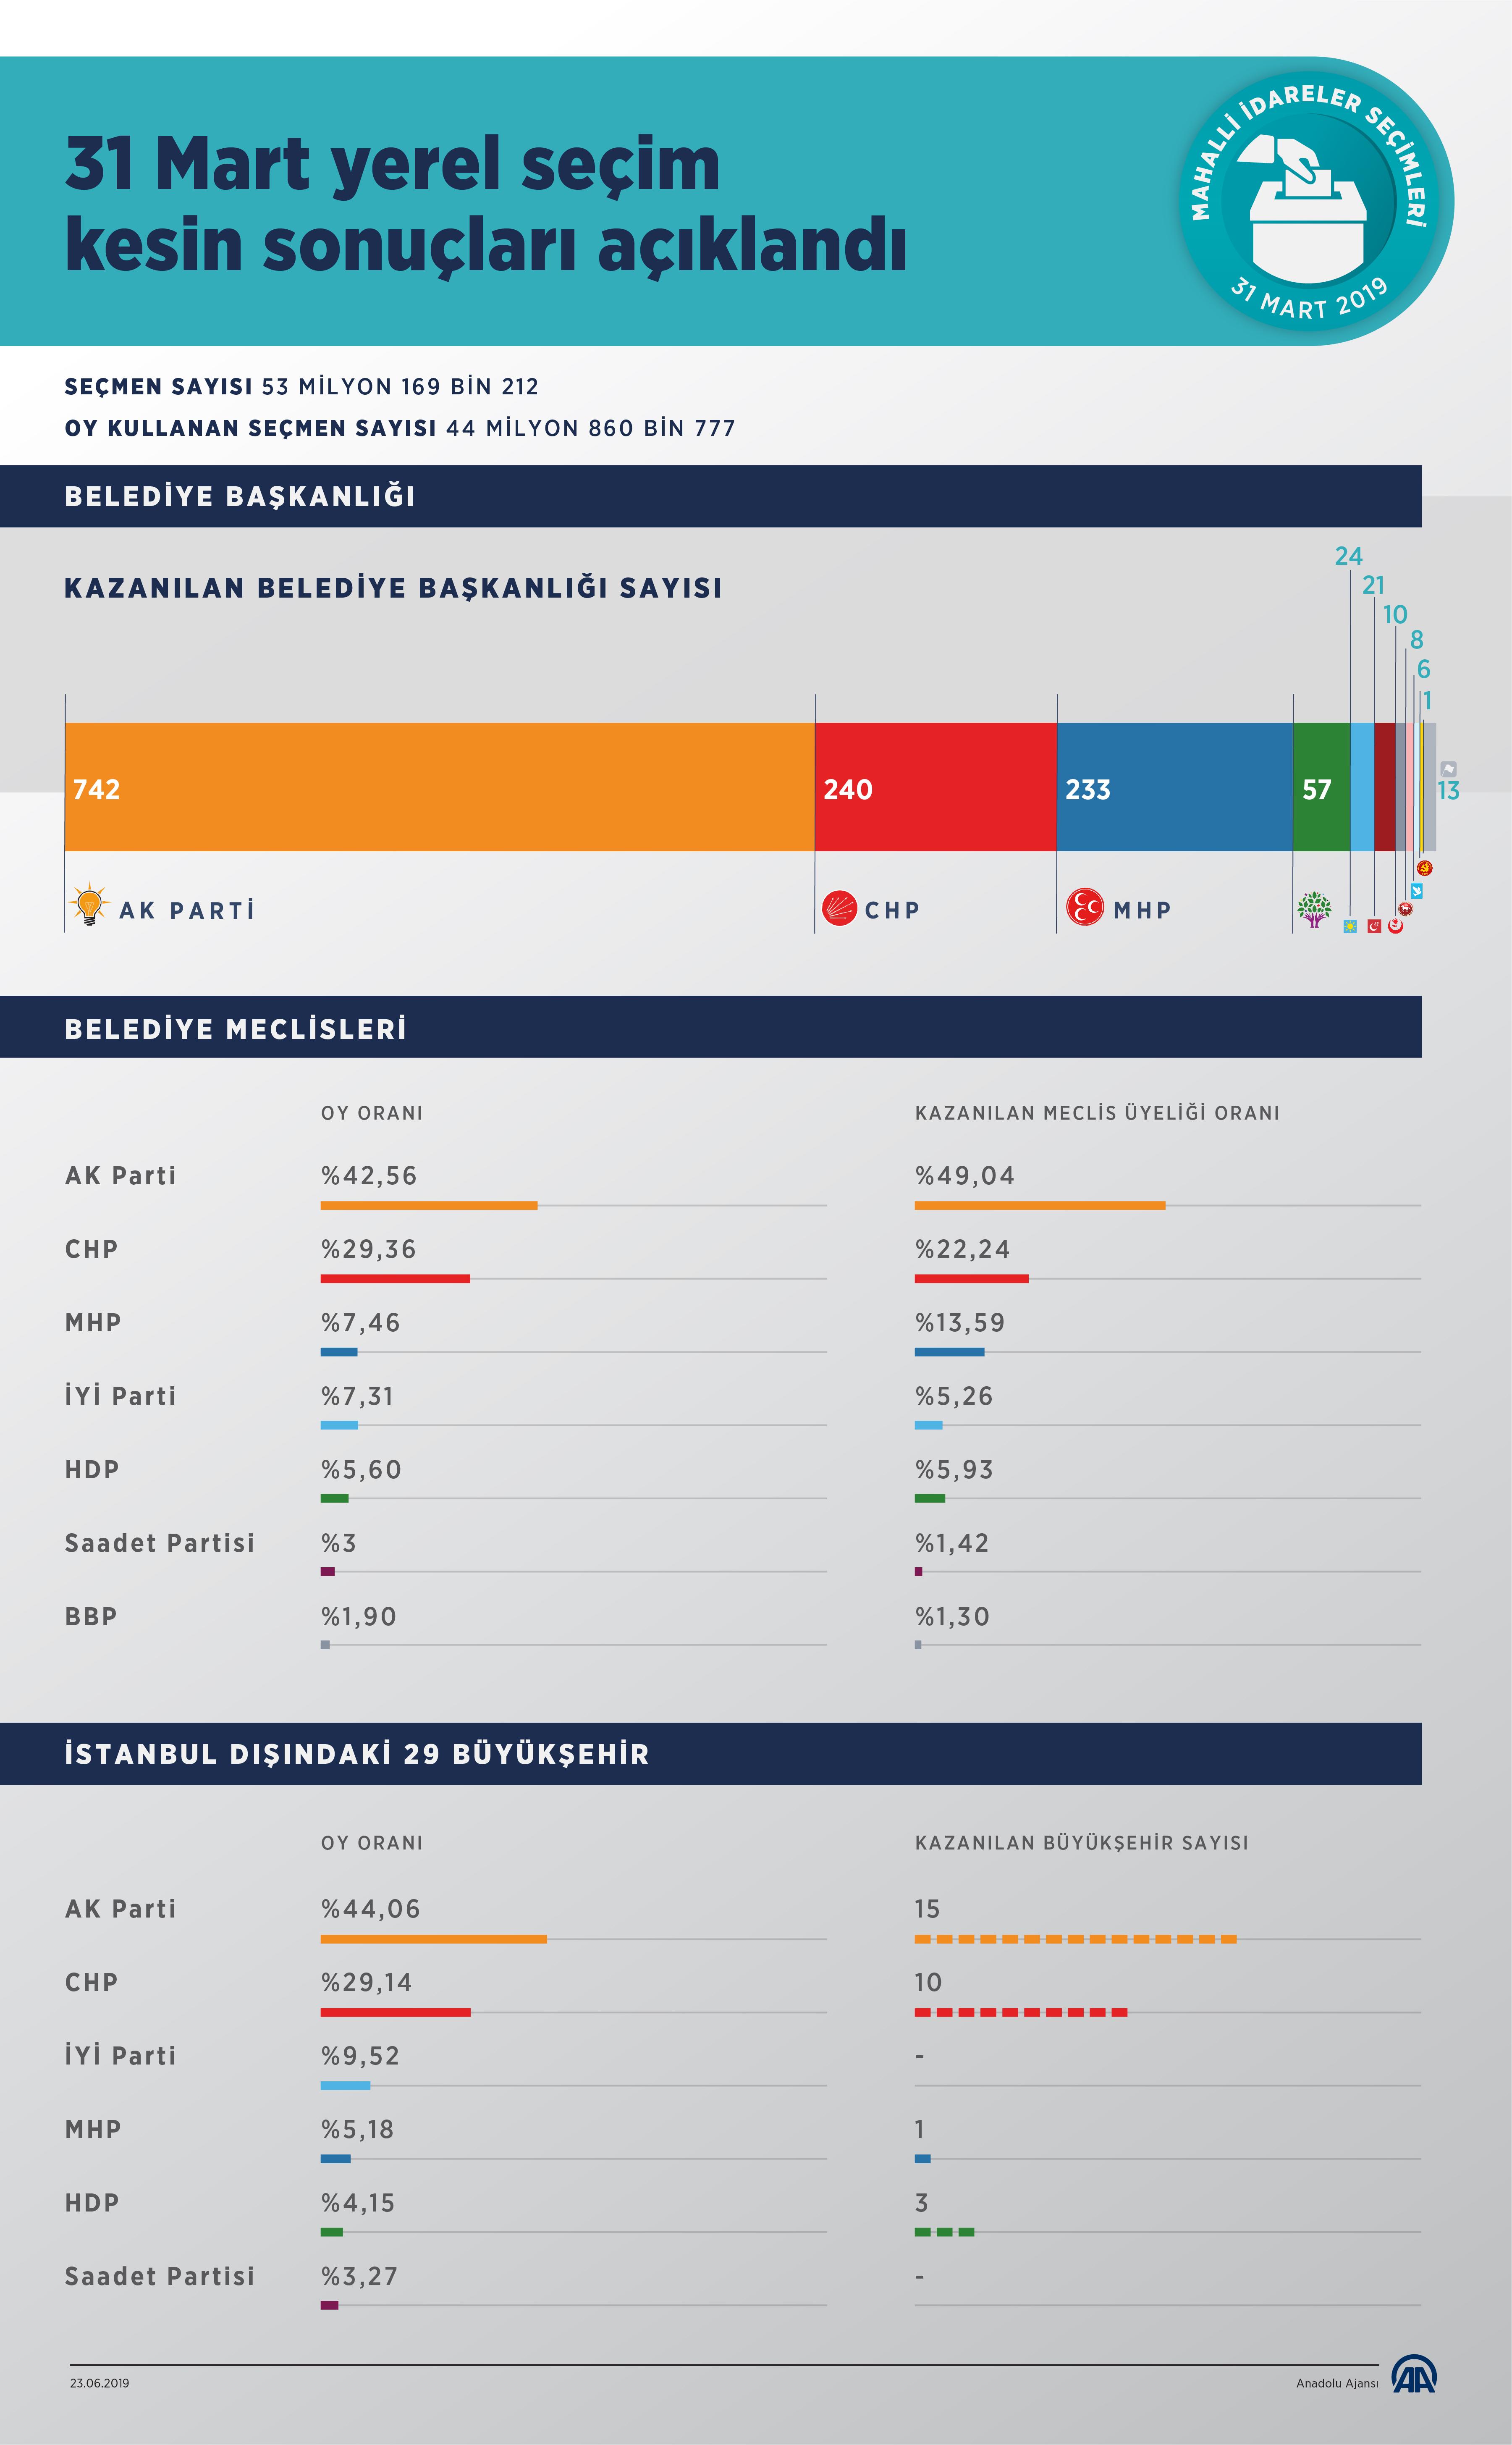 31 Mart Seçimin Kesin Sonuçları Açıklandı